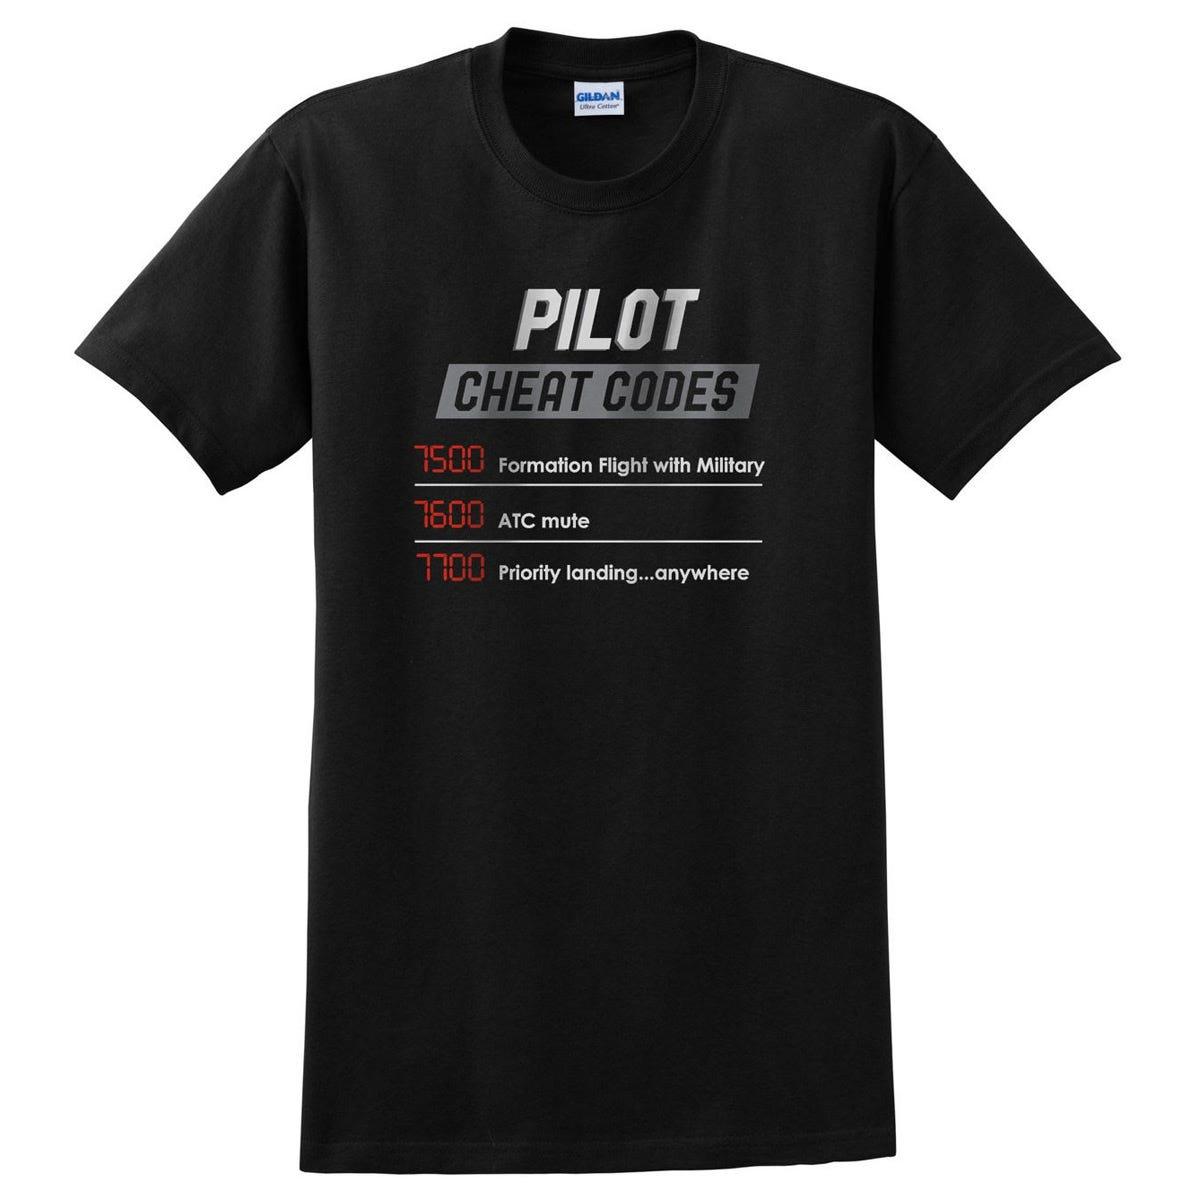 Pilot Cheat Codes T-Shirt